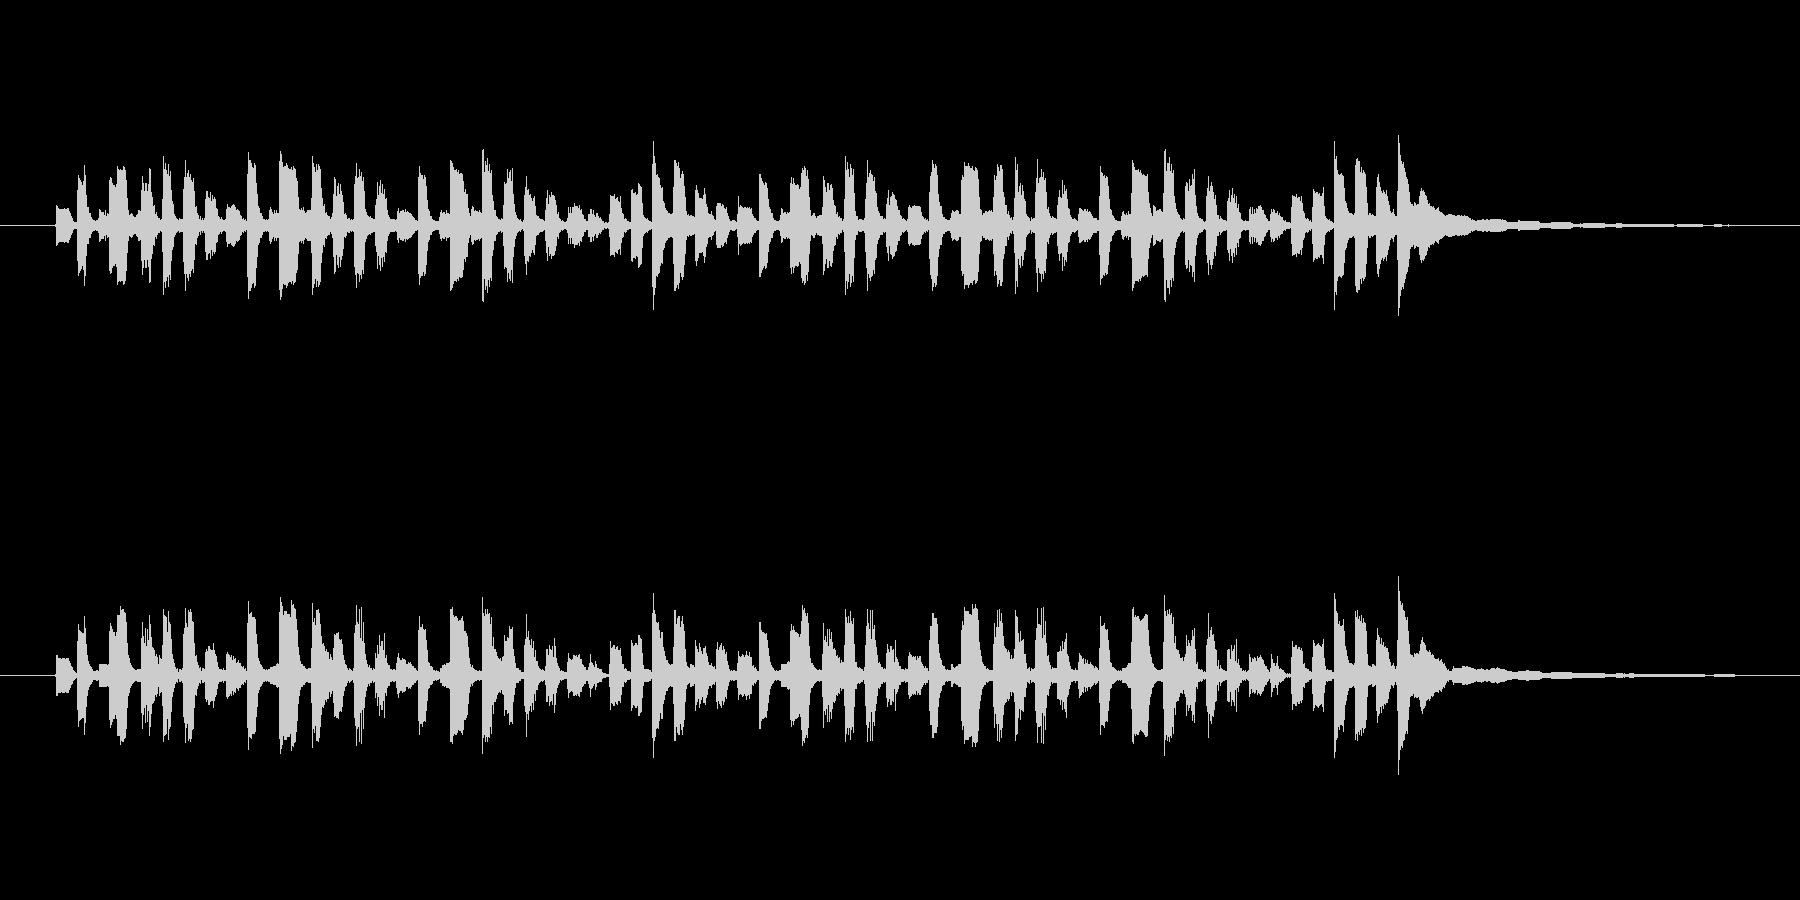 リズミカルなエレピのジングルの未再生の波形